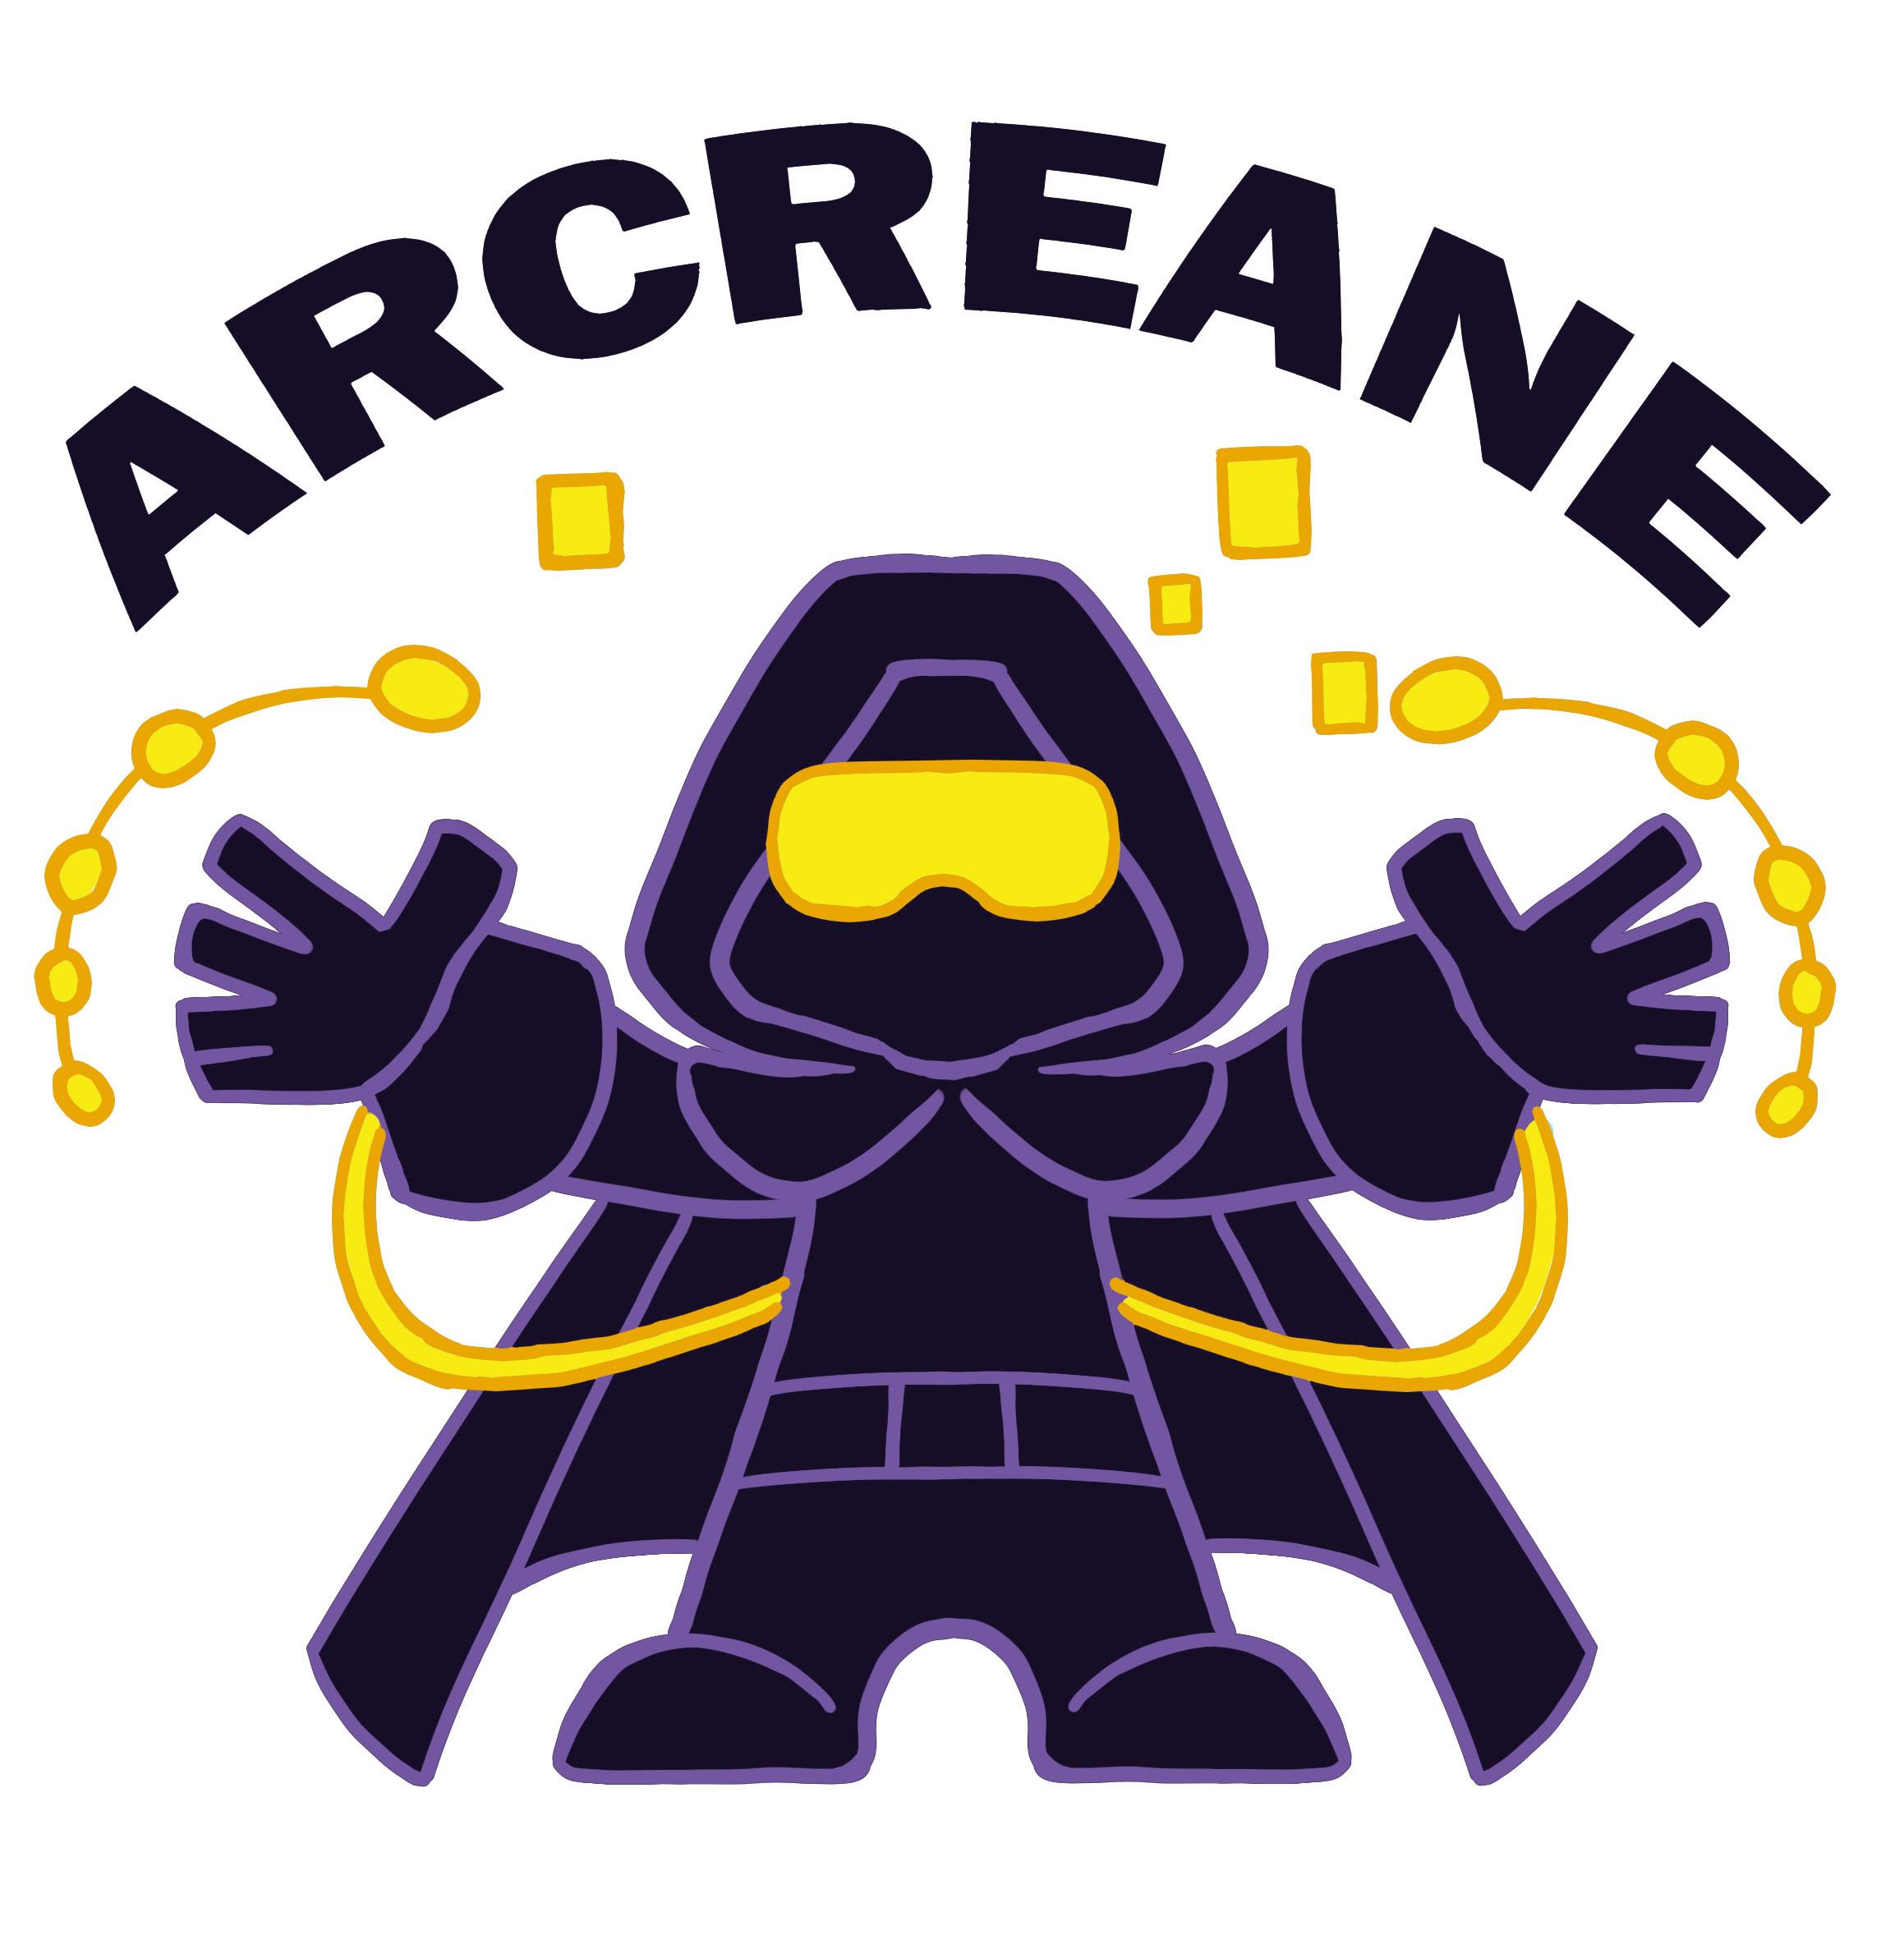 Arcreane